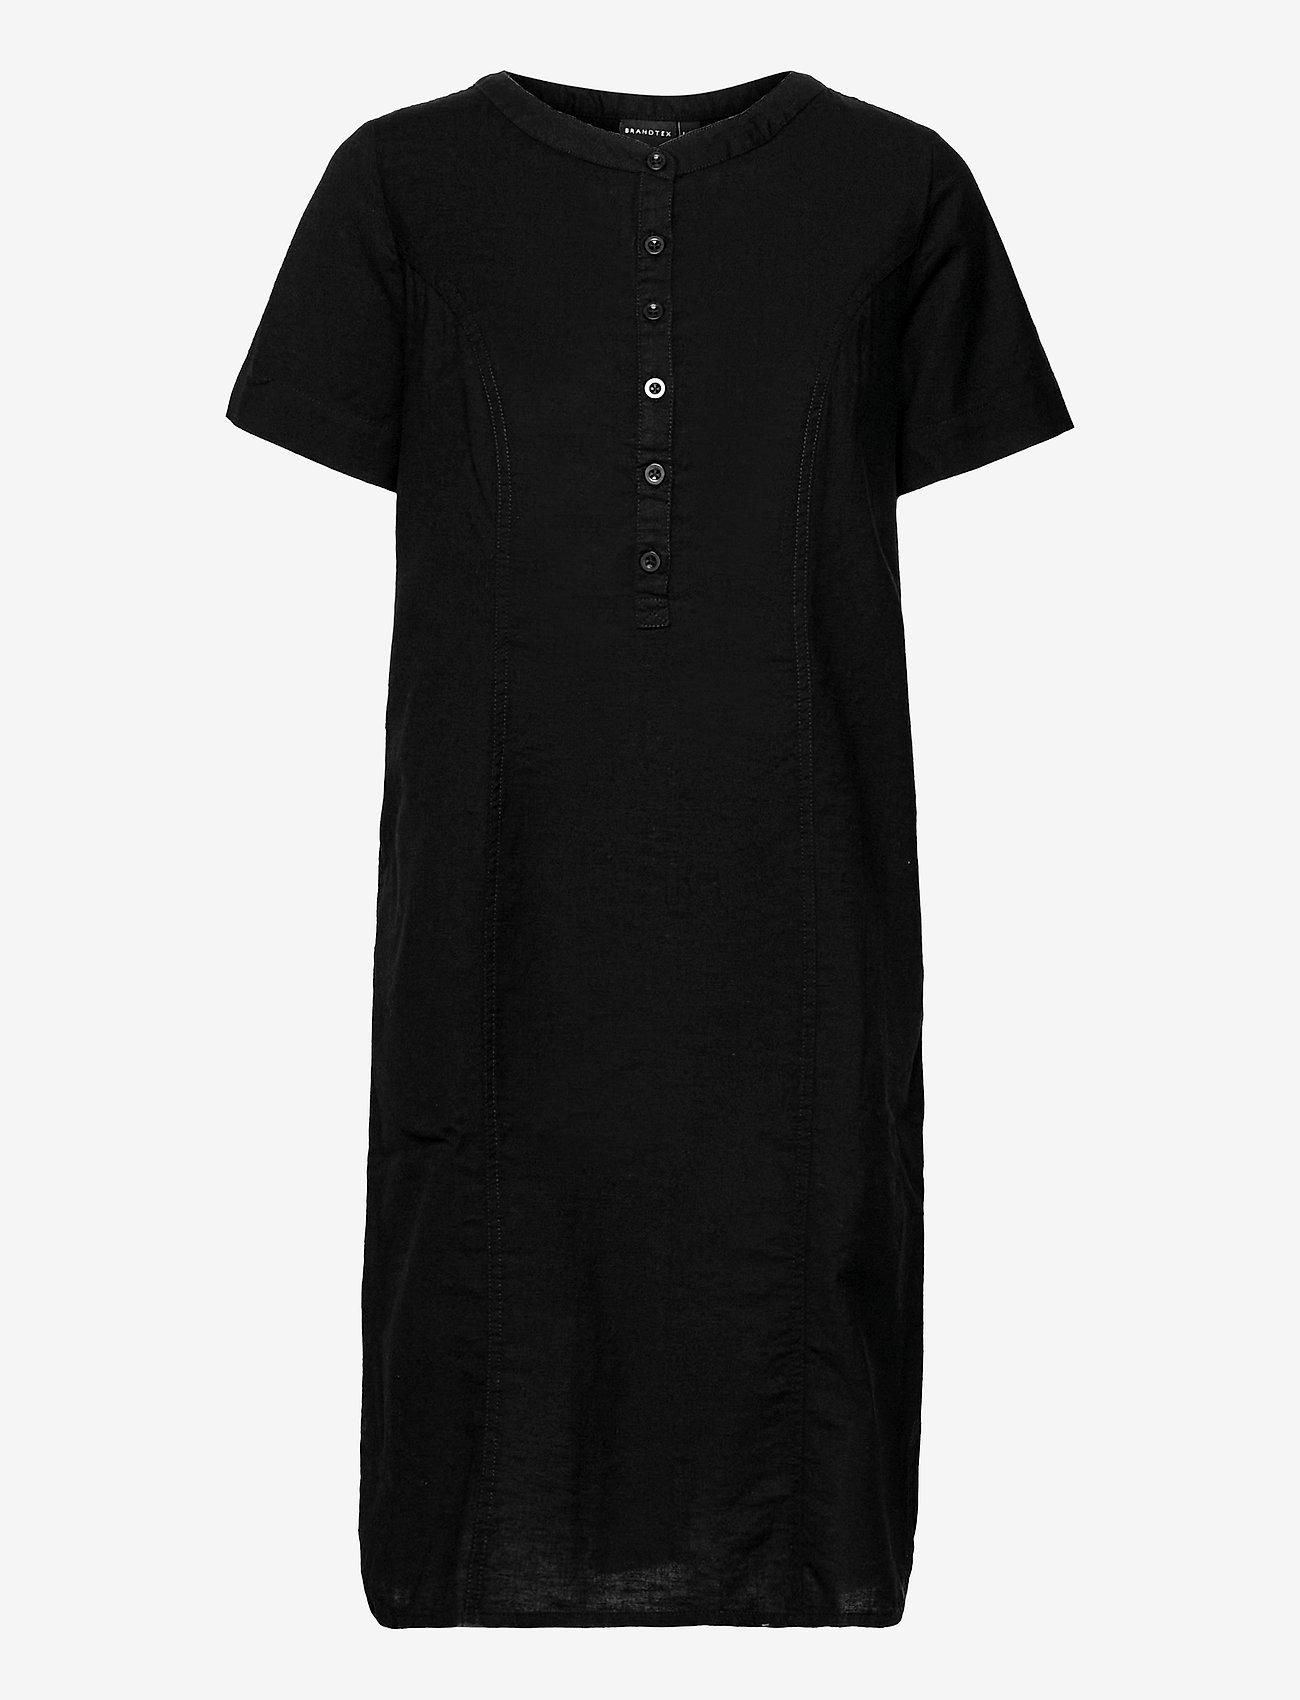 Brandtex - Casual dress - sommerkjoler - black - 1